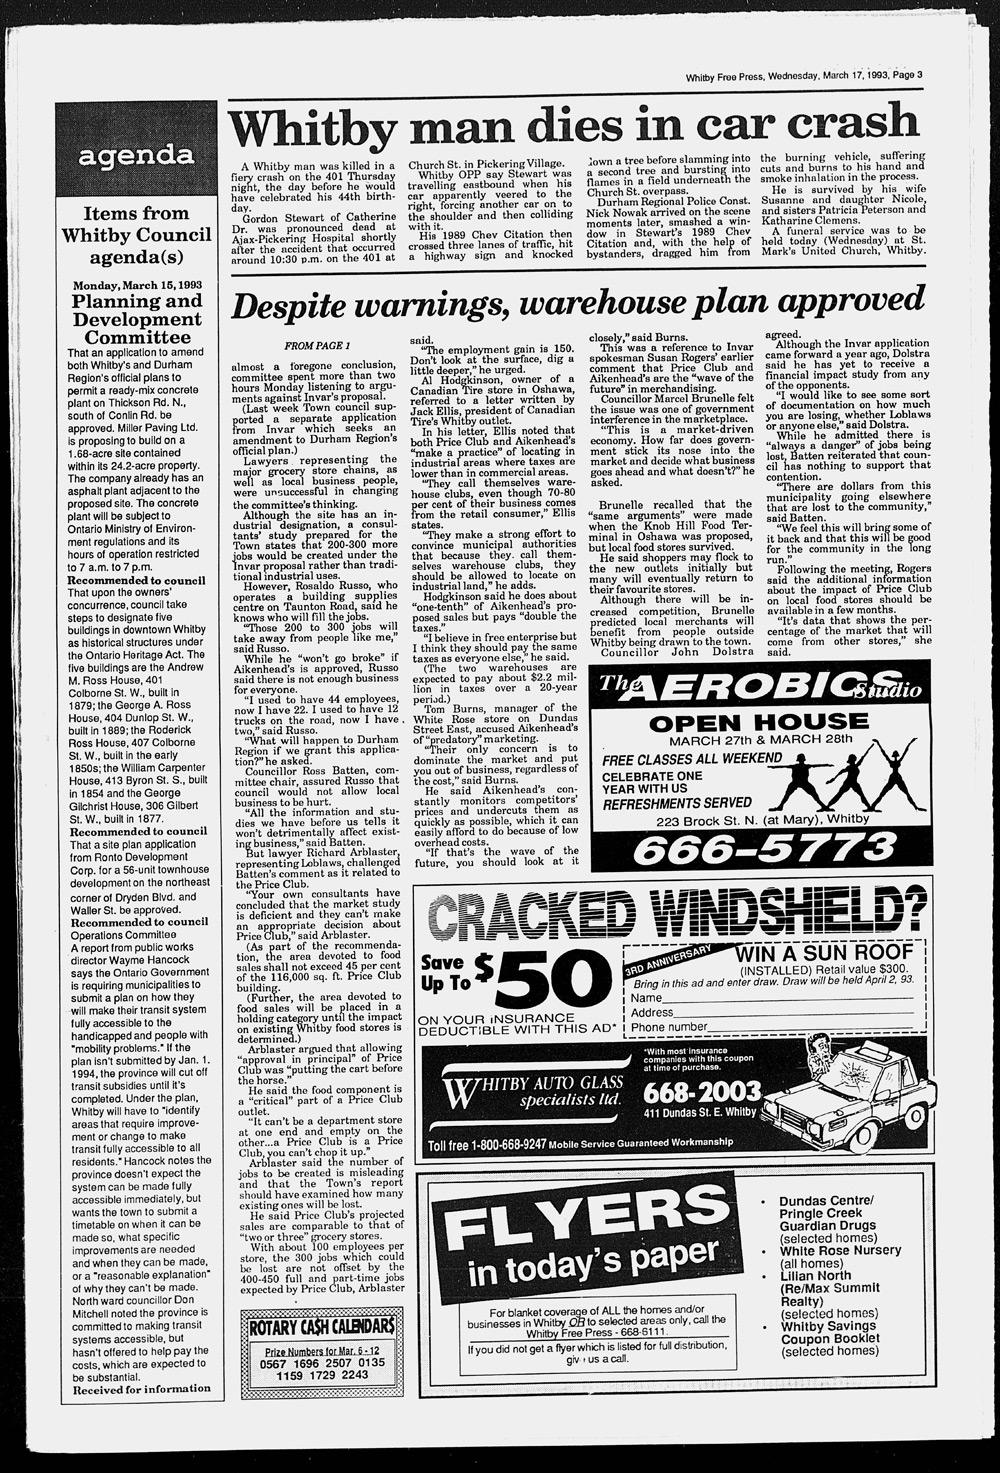 Whitby Free Press, 17 Mar 1993